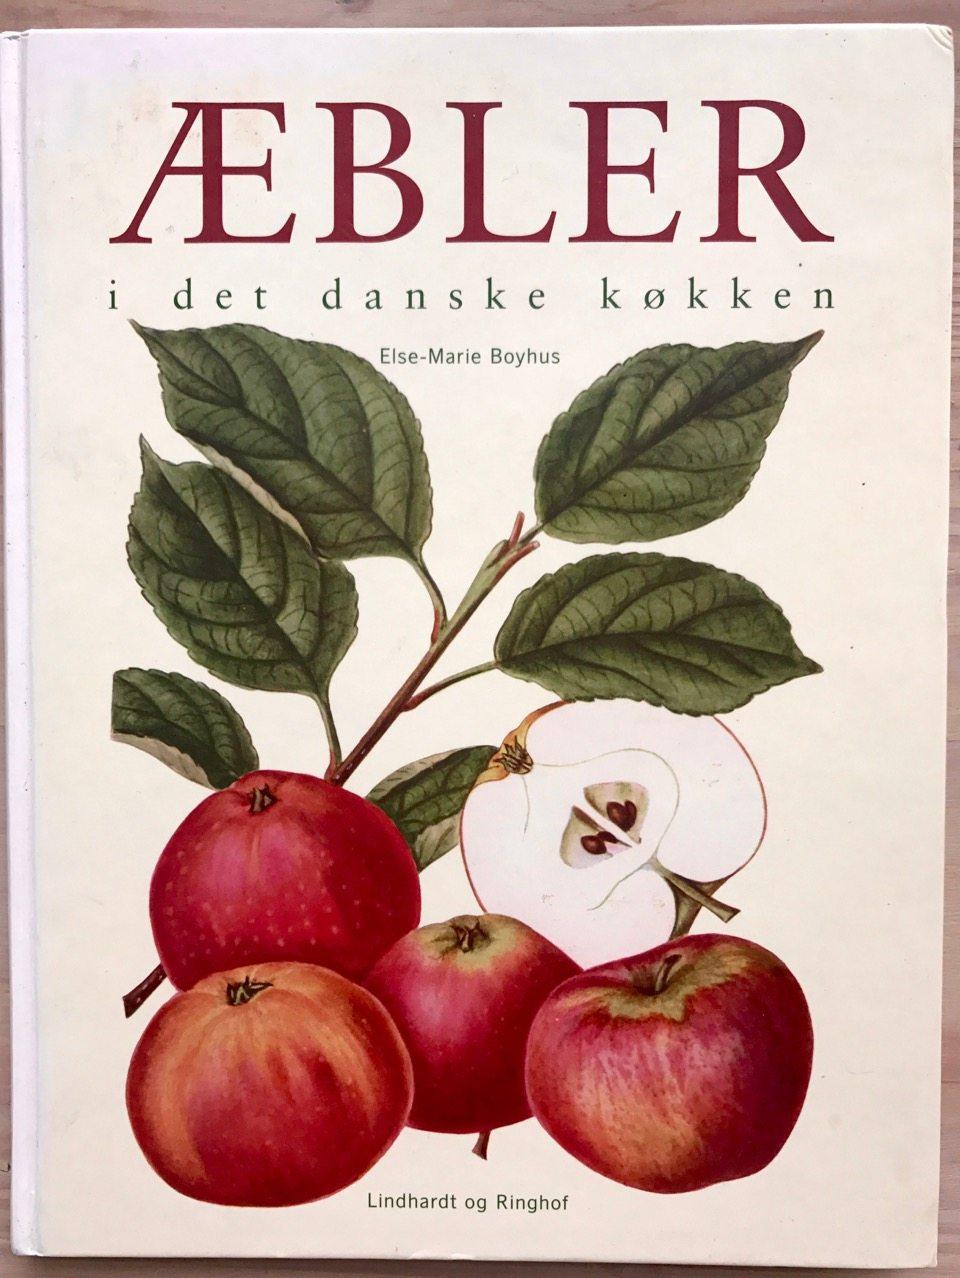 """Denne skønne bog fortæller alt om æblernes kulturhistorie. Madens historier er altid virkelig god, at få forstand af. Æblerne har været en del af vores kost altid på disse kanter og æbletræer er vokset frem, hvor der er kommet mennesker (som har smidt æbleskrog med frø fra sig). PS. Jeg kan også anbefale Ritt Bjerregaards bog """"Æbler"""" – grundig og inspirerende bog."""